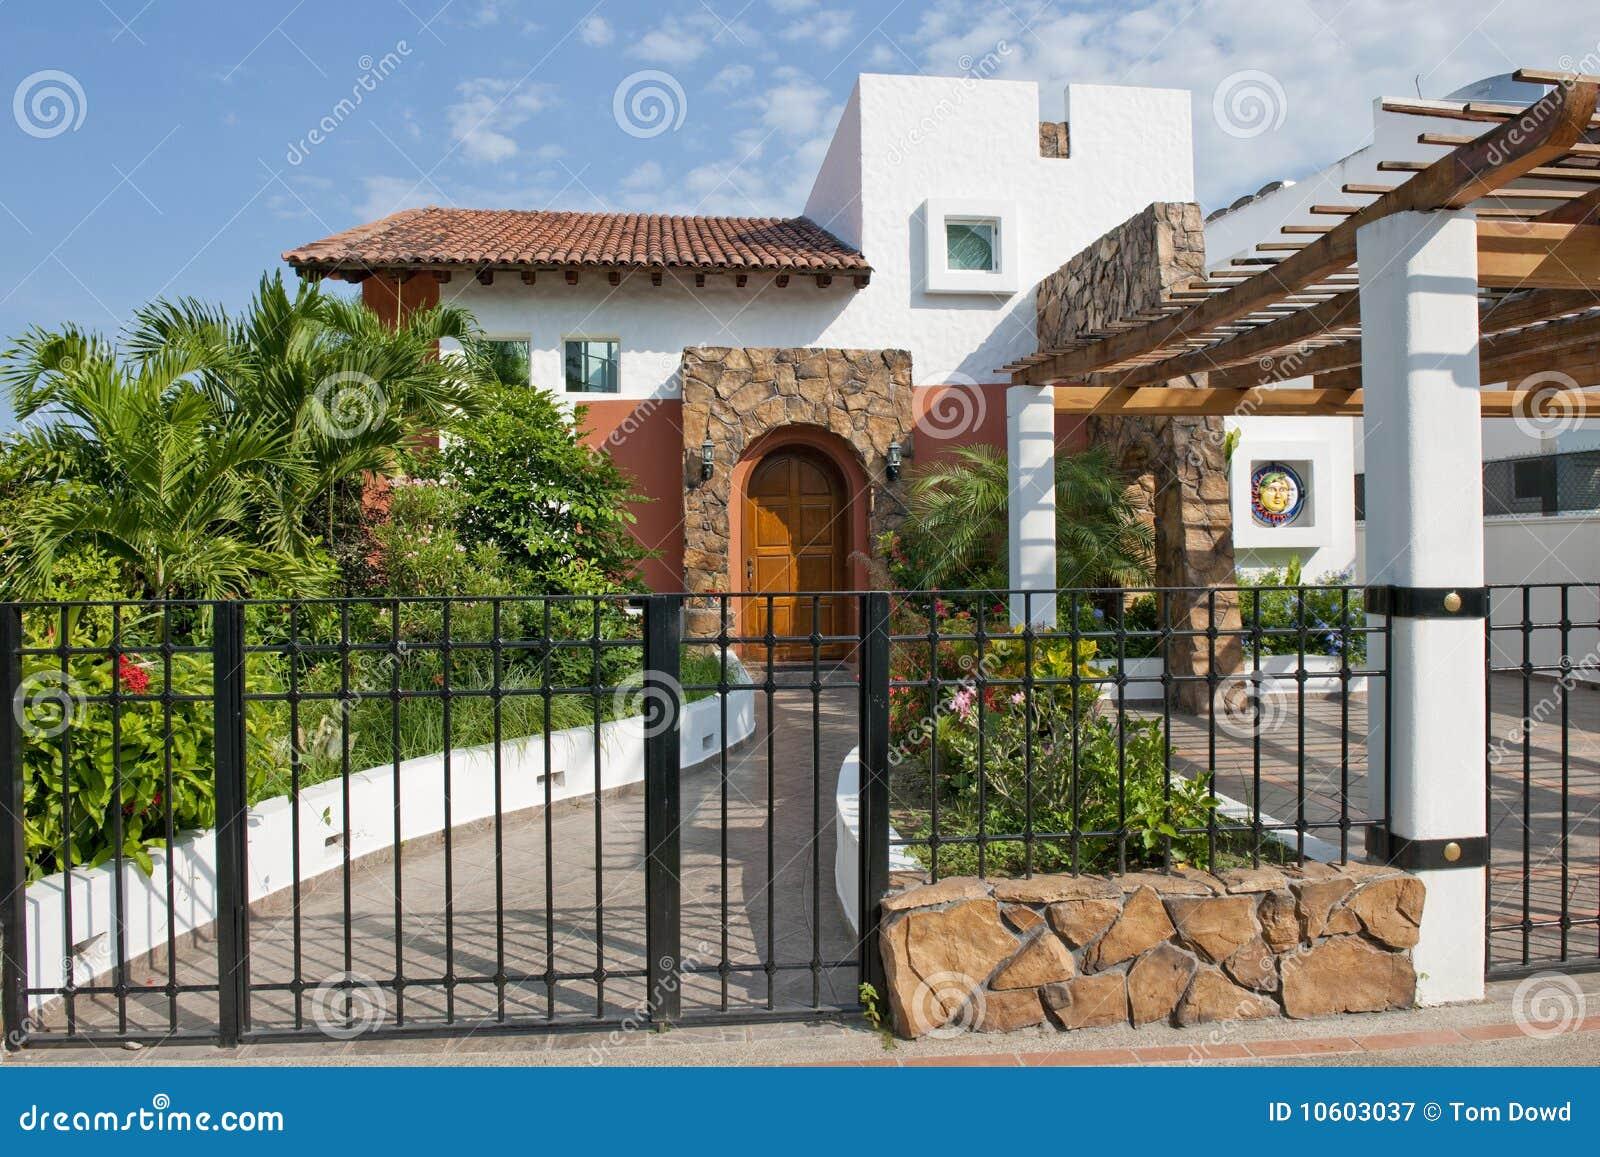 Maison mexicaine de luxe photographie stock libre de for Maison en bois luxe